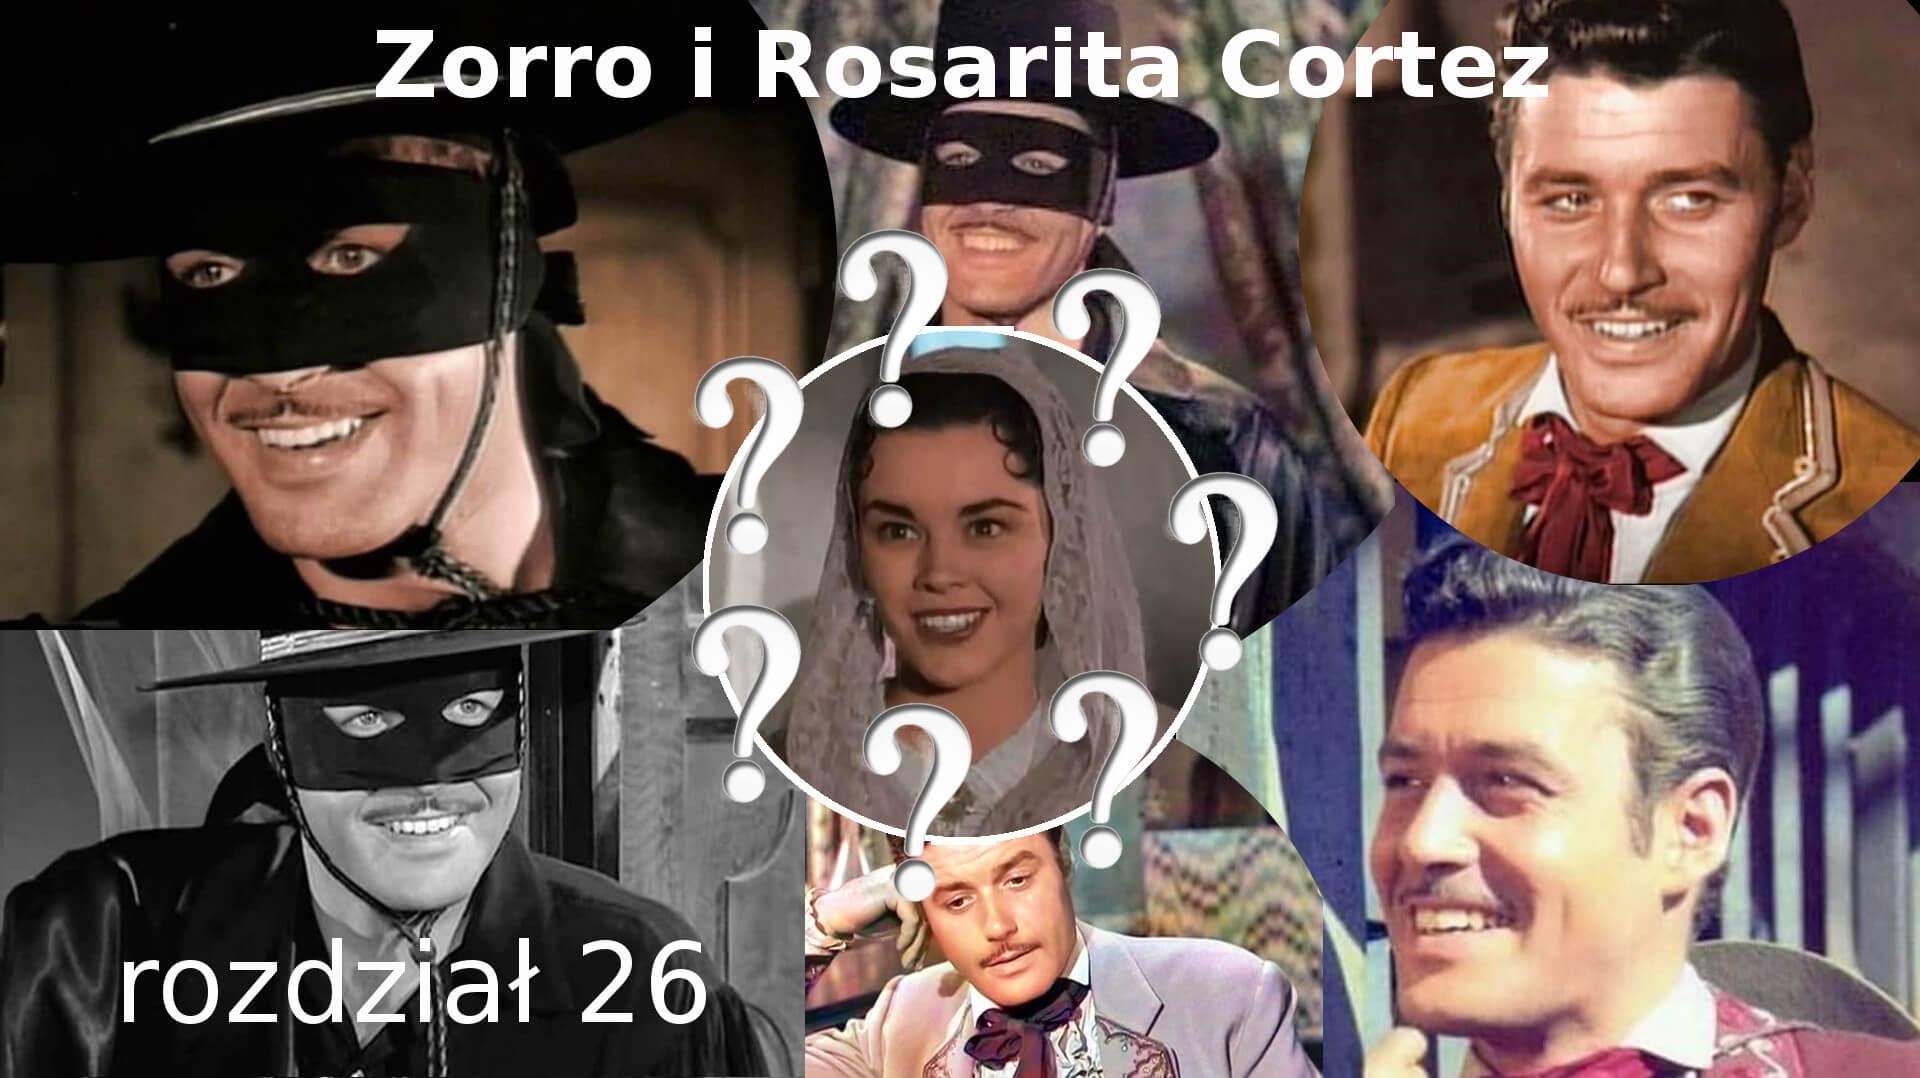 Zorro i Rosarita Cortez rozdział 26 zorro fanfiction